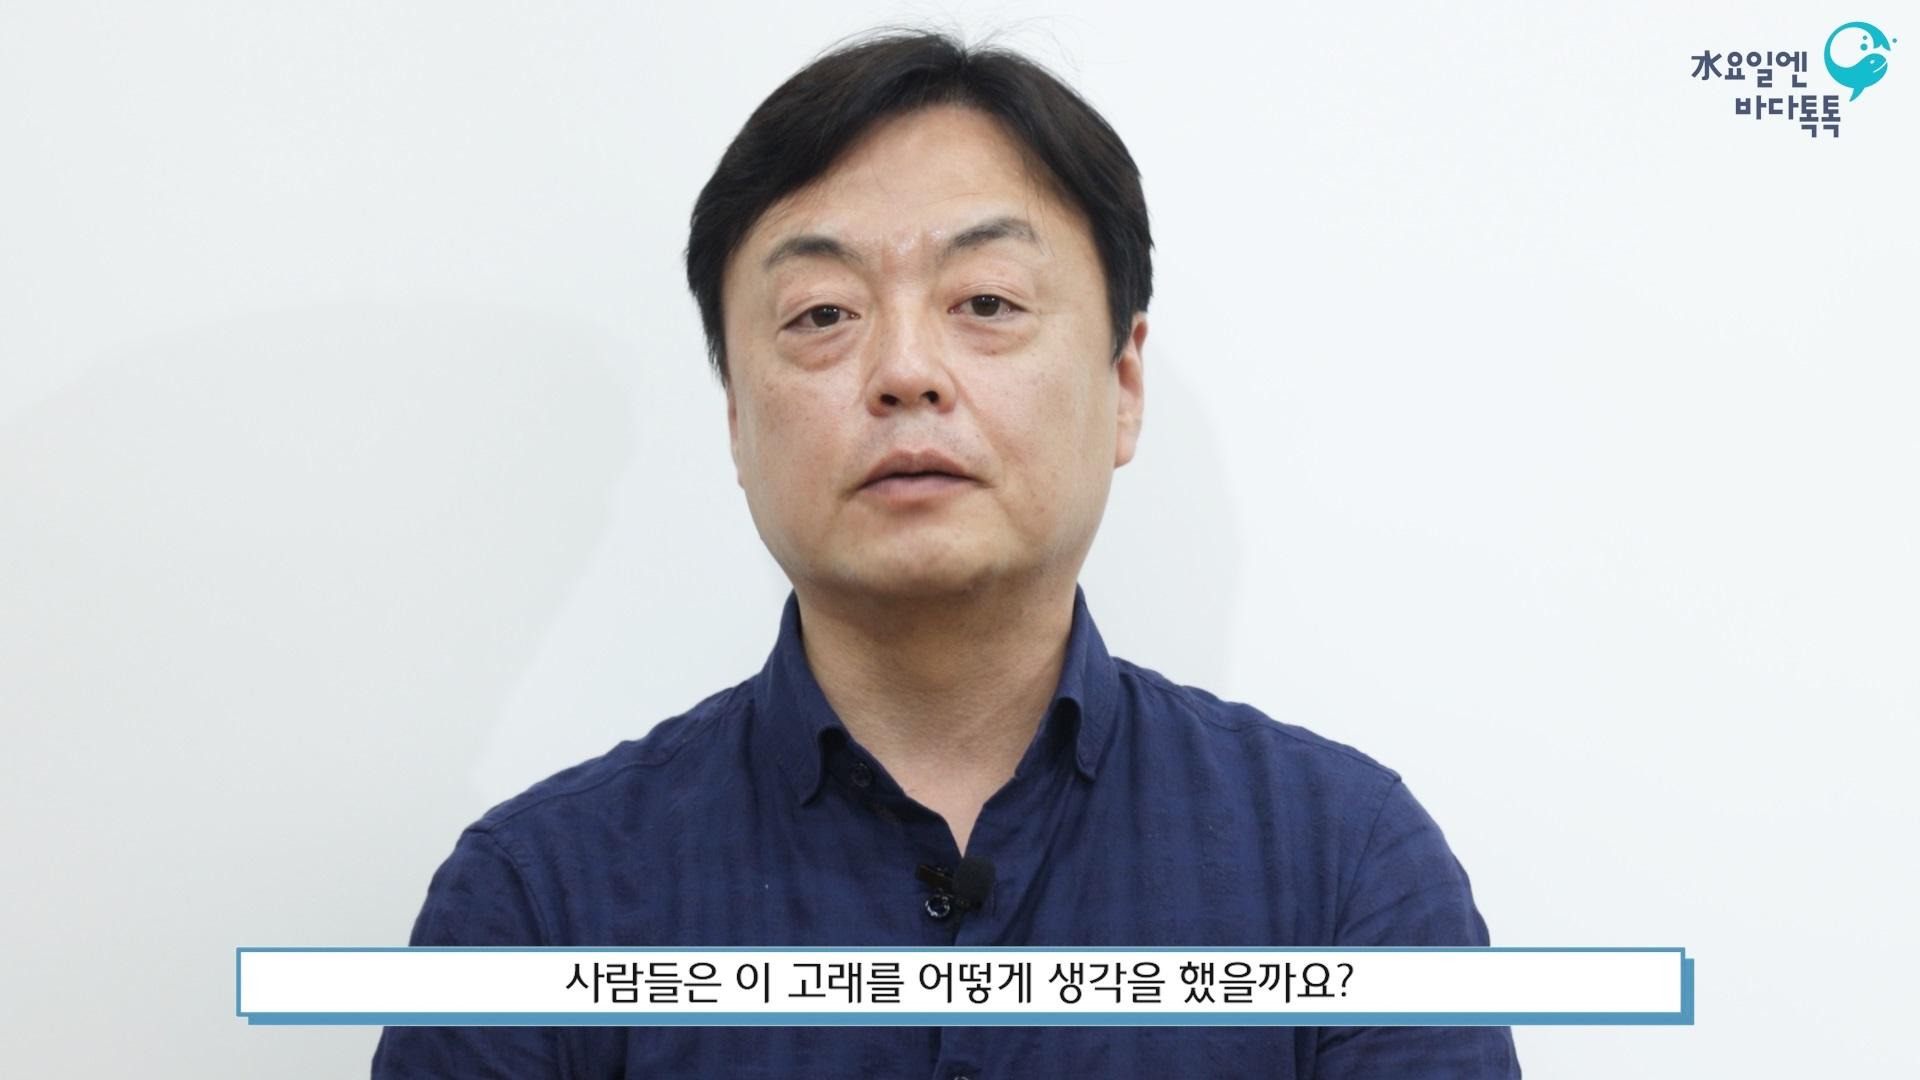 대전 7회 본강연 썸네일